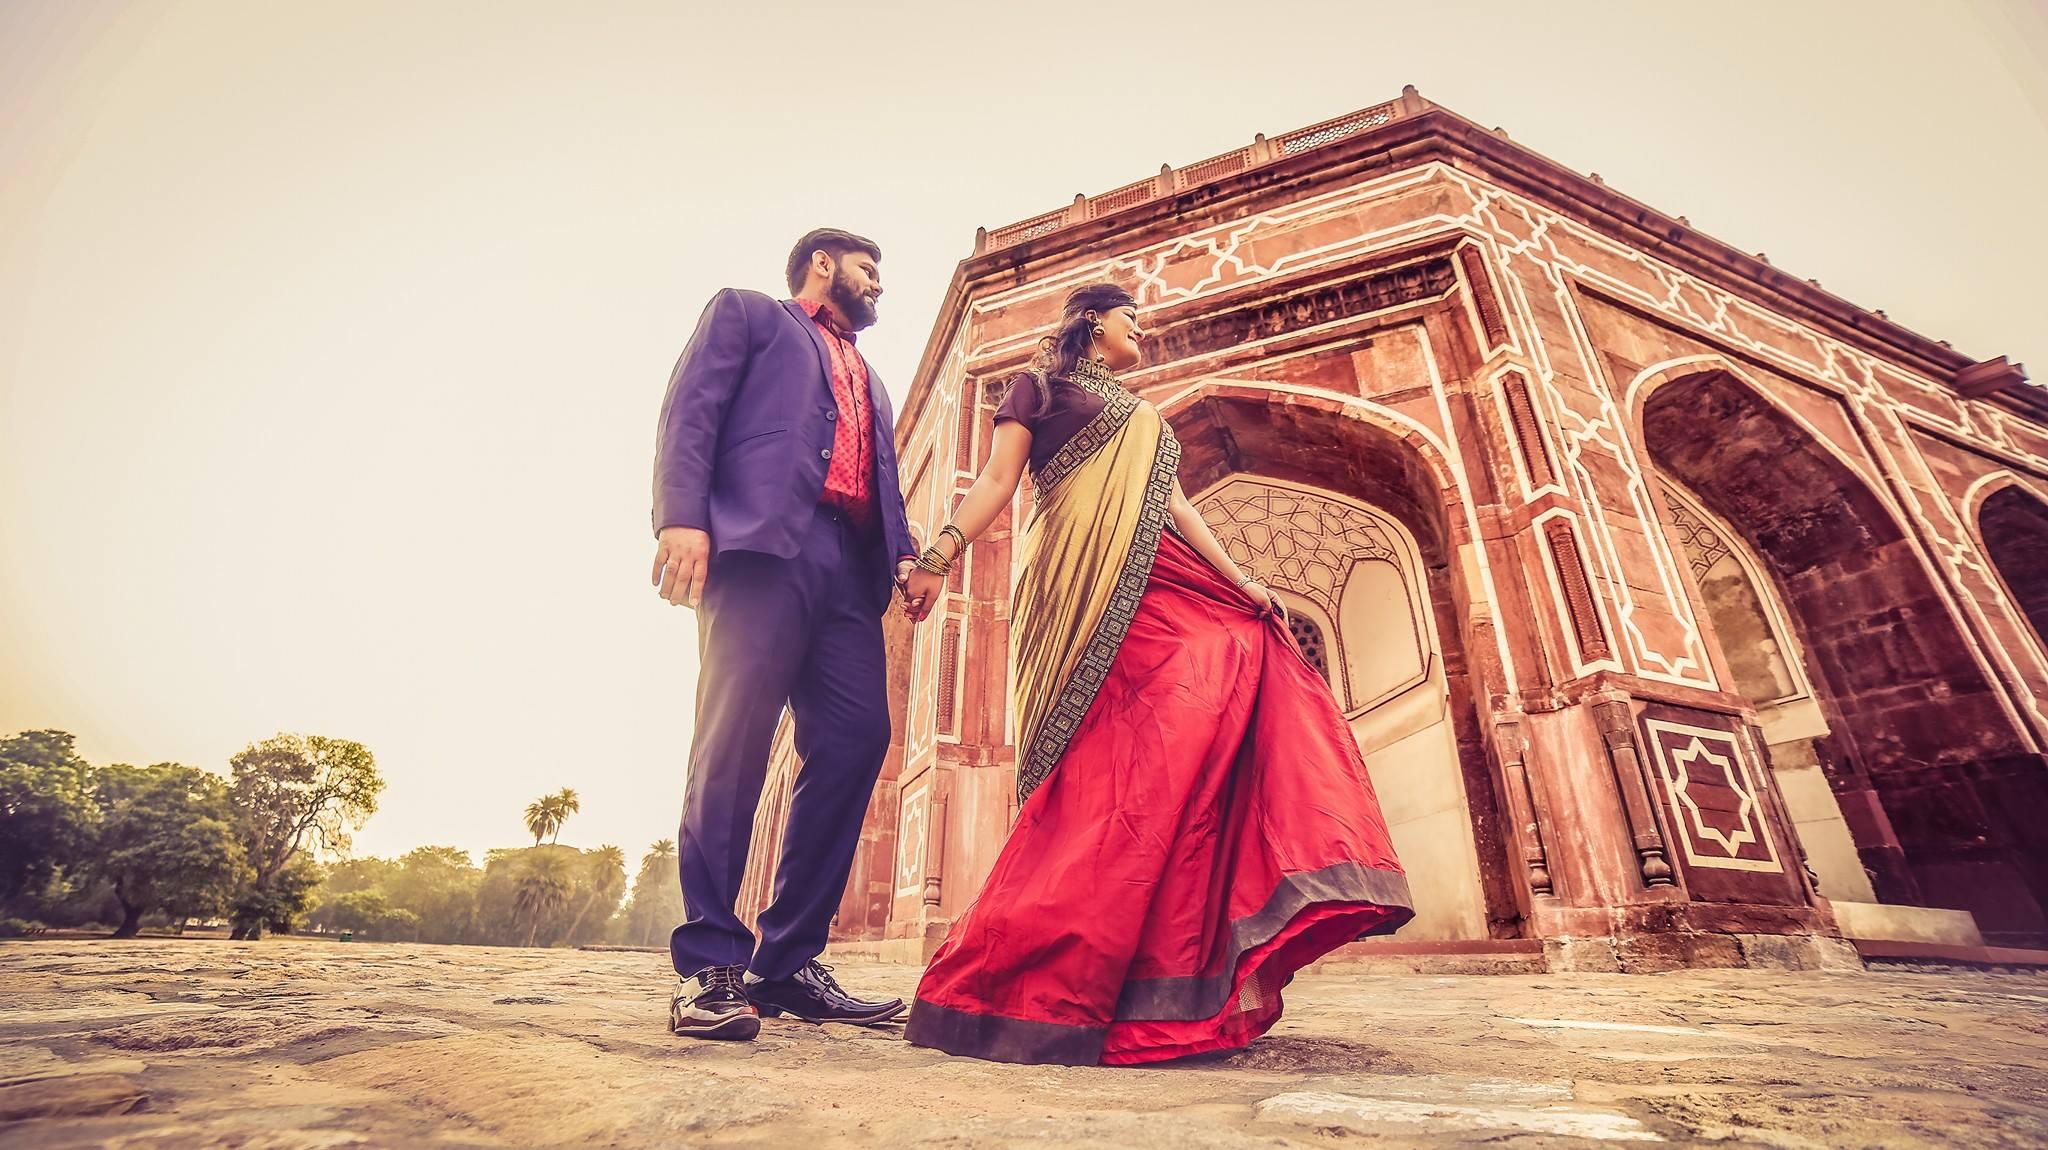 प्री-वेडिंग शूट म्हटलं तर सगळ्यात आधी नाव हे राजस्थान शहराचं येतं. राजस्थानमध्ये अतिशय सुंदर अशा हवेल्या, मैलांवर पसरलेला वाळवंट, मीनारे आणि सगळ्यात आकर्षक म्हणजे त्यांचा शाही थाट. या सगळ्यामुळे तुमचं वेडिंग शूट एकदम हिट होणार.